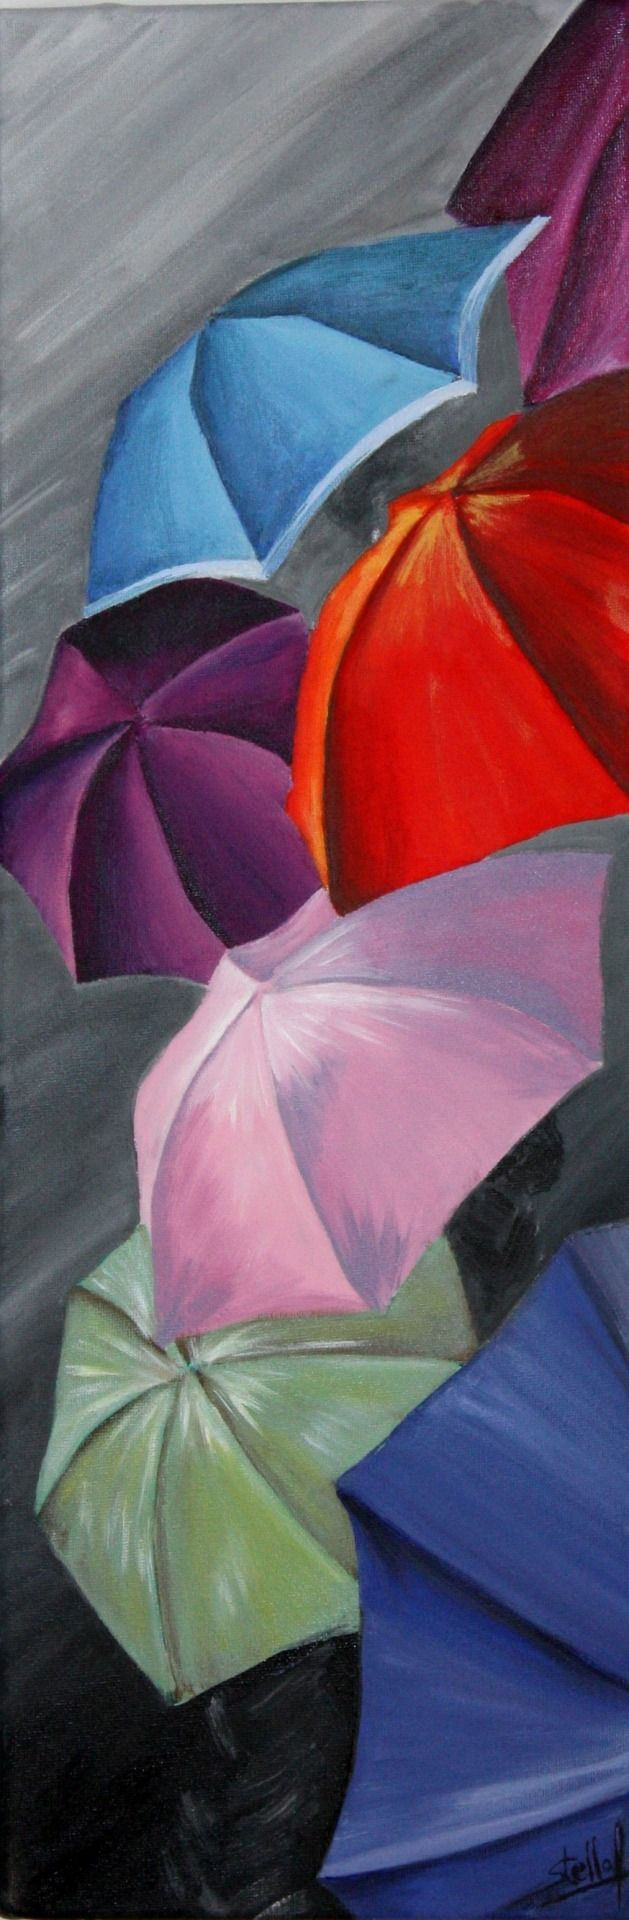 Parapluies sous la pluie : Peintures par by-stella